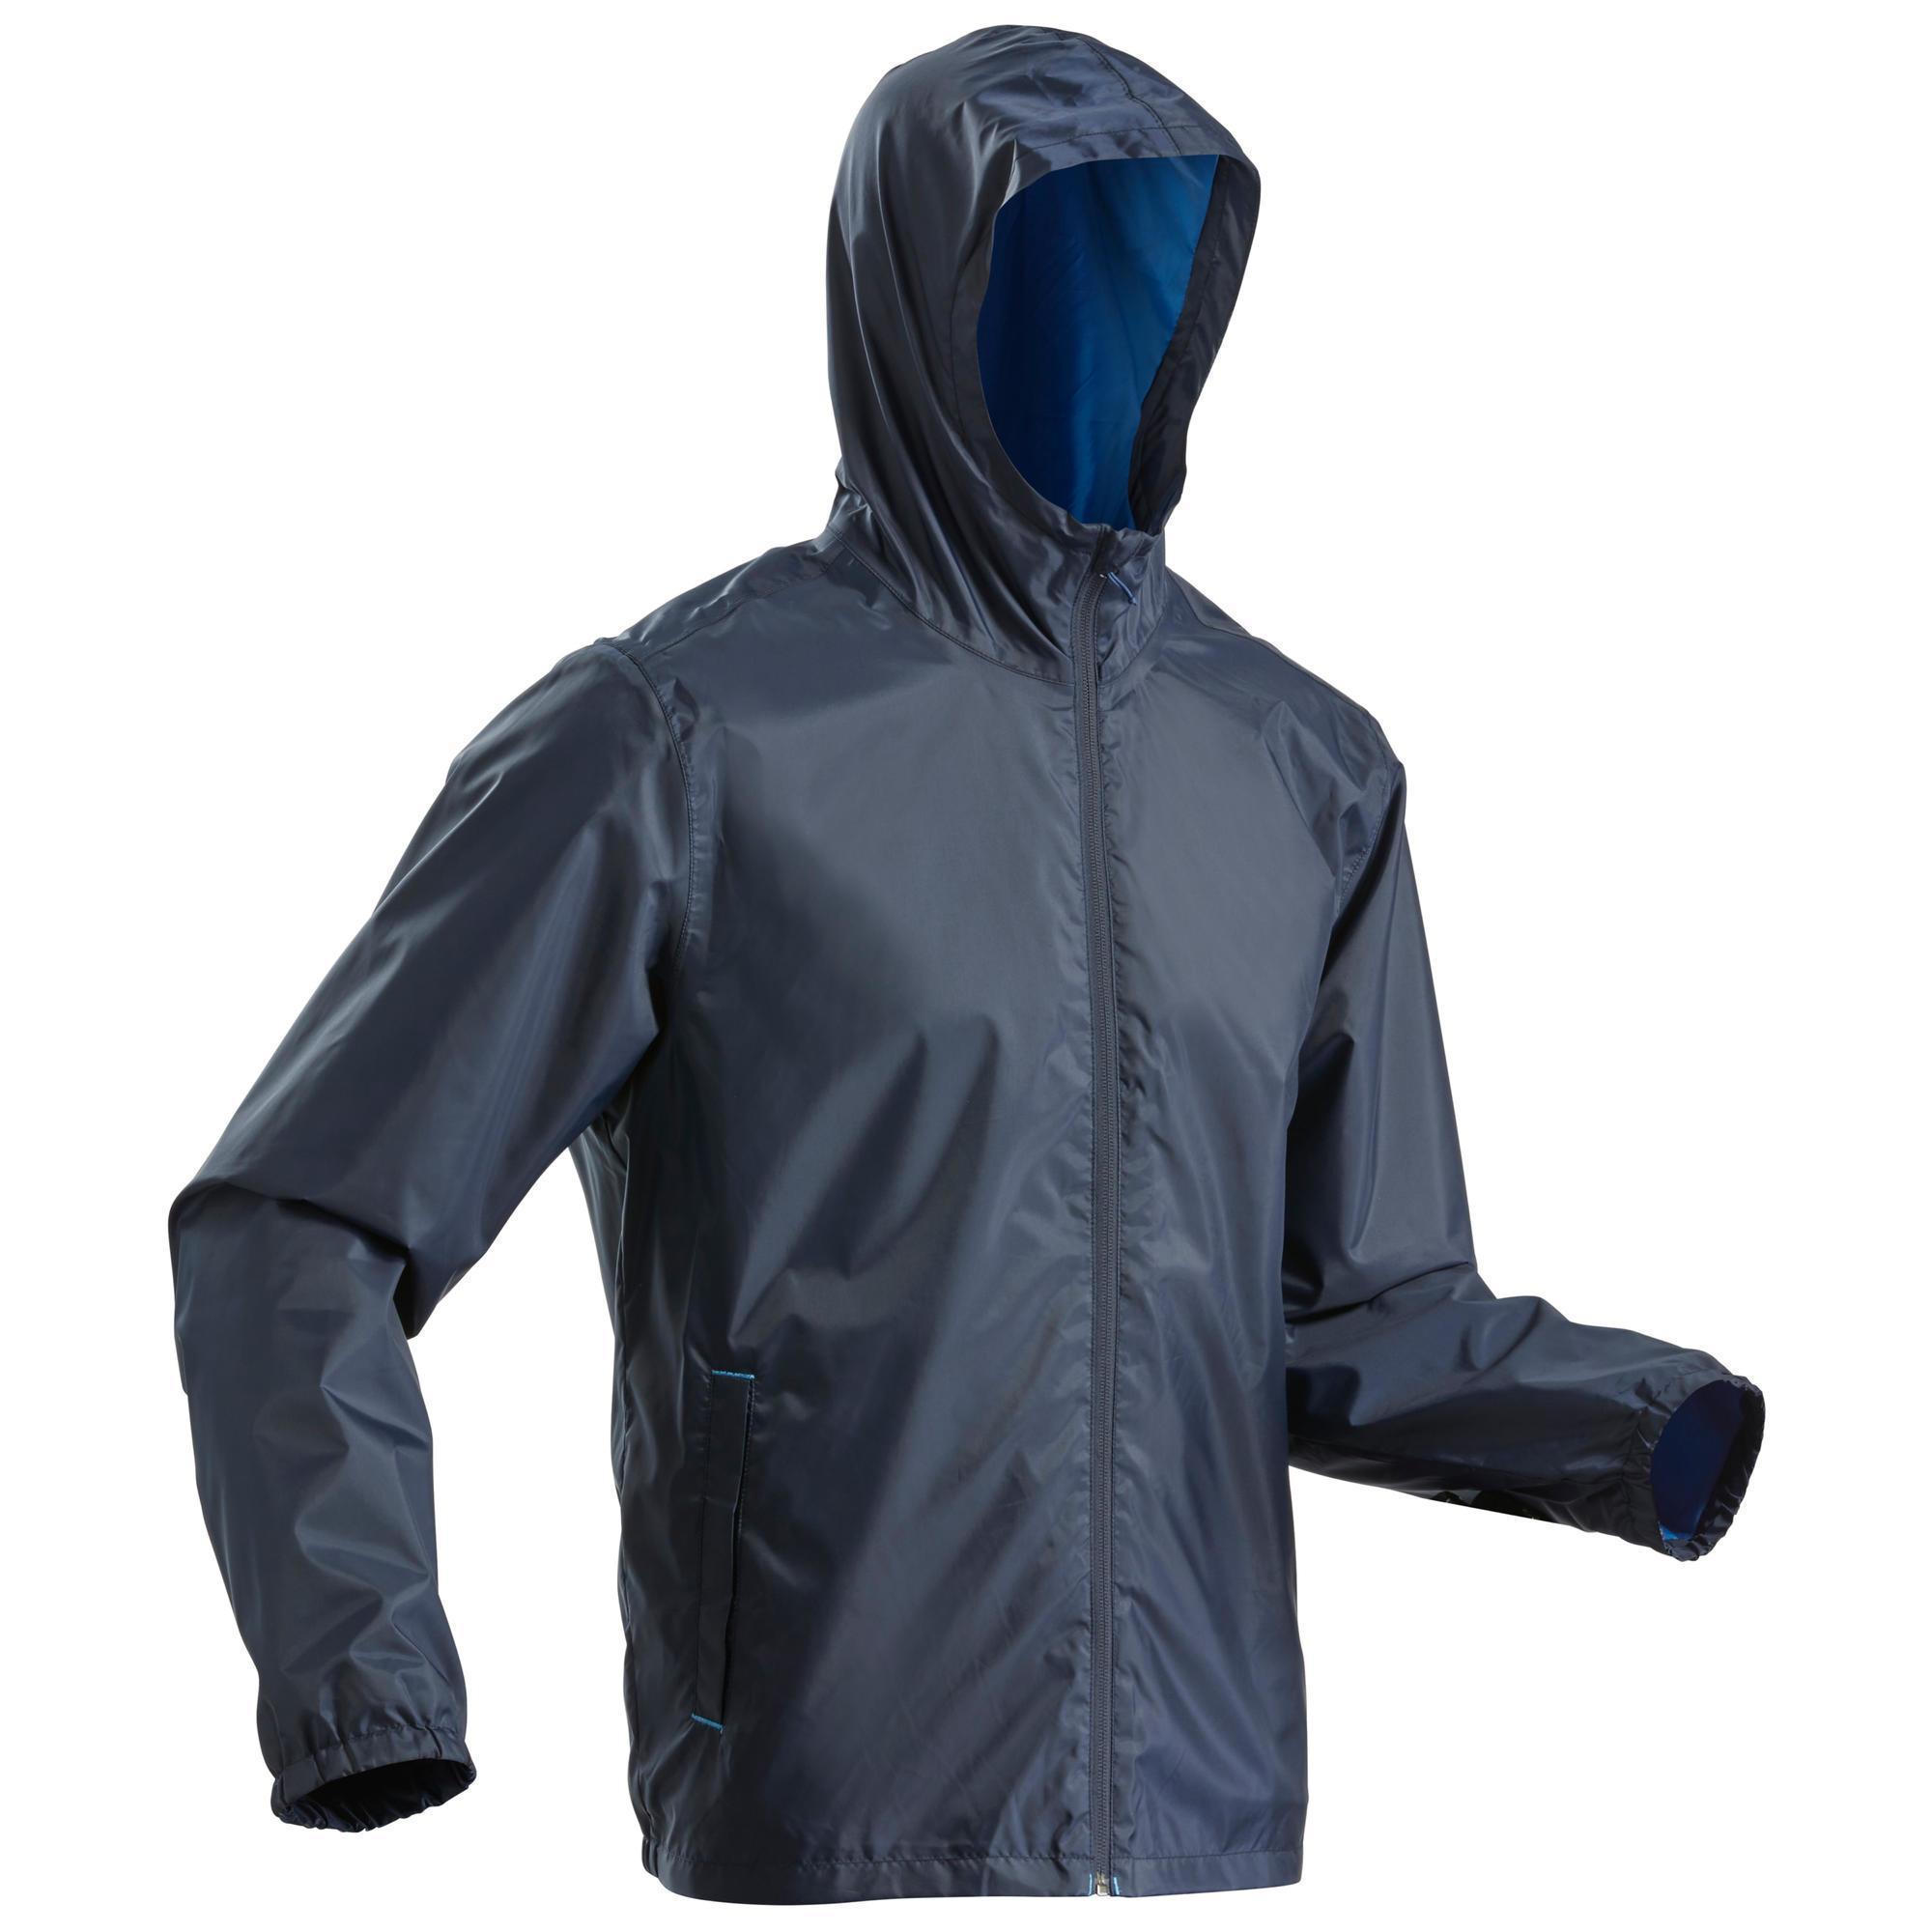 e312ff6d641 Veste de randonnée neige homme SH100 warm bleue marine. - Clubs ...